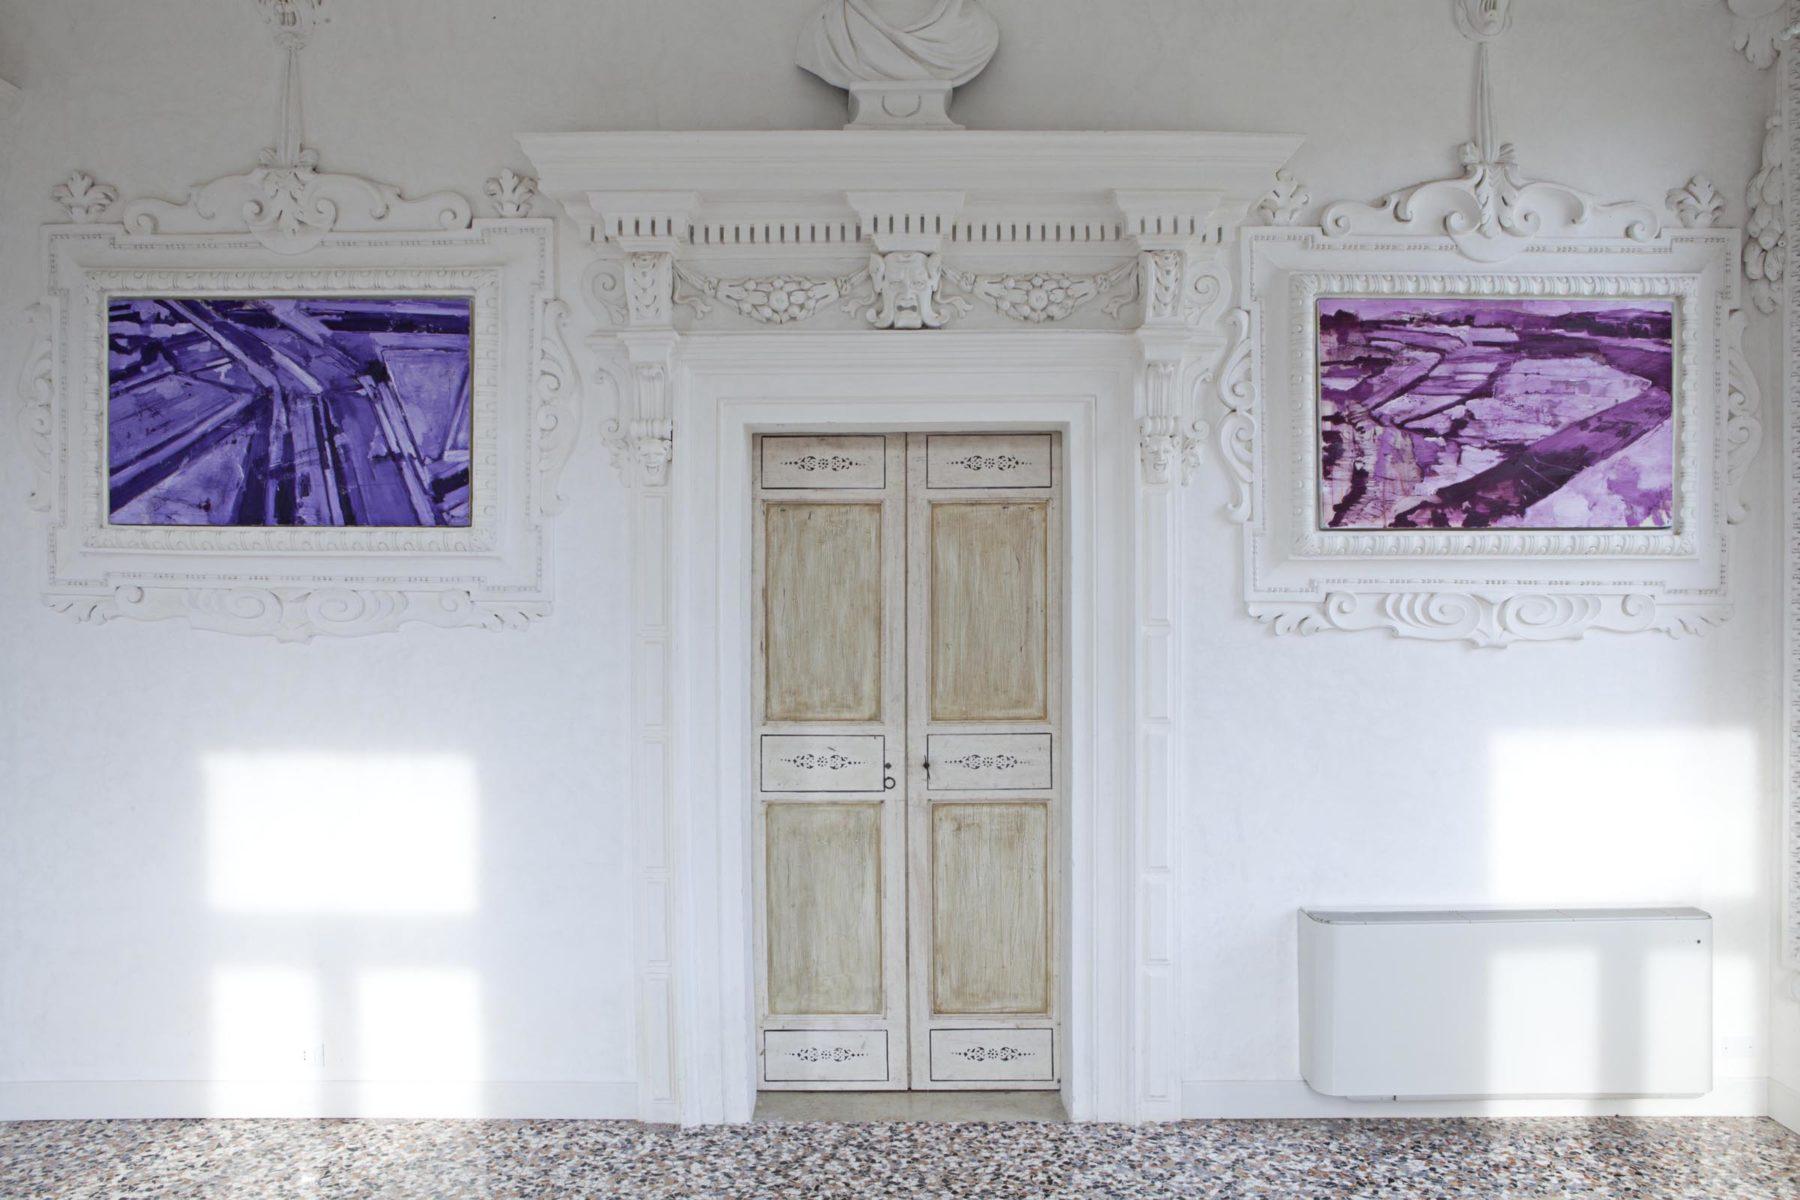 G.Frangi, Mappe, 2012, tecnica mista su tela, presso Villa Morosini, ph.a.frangi 02